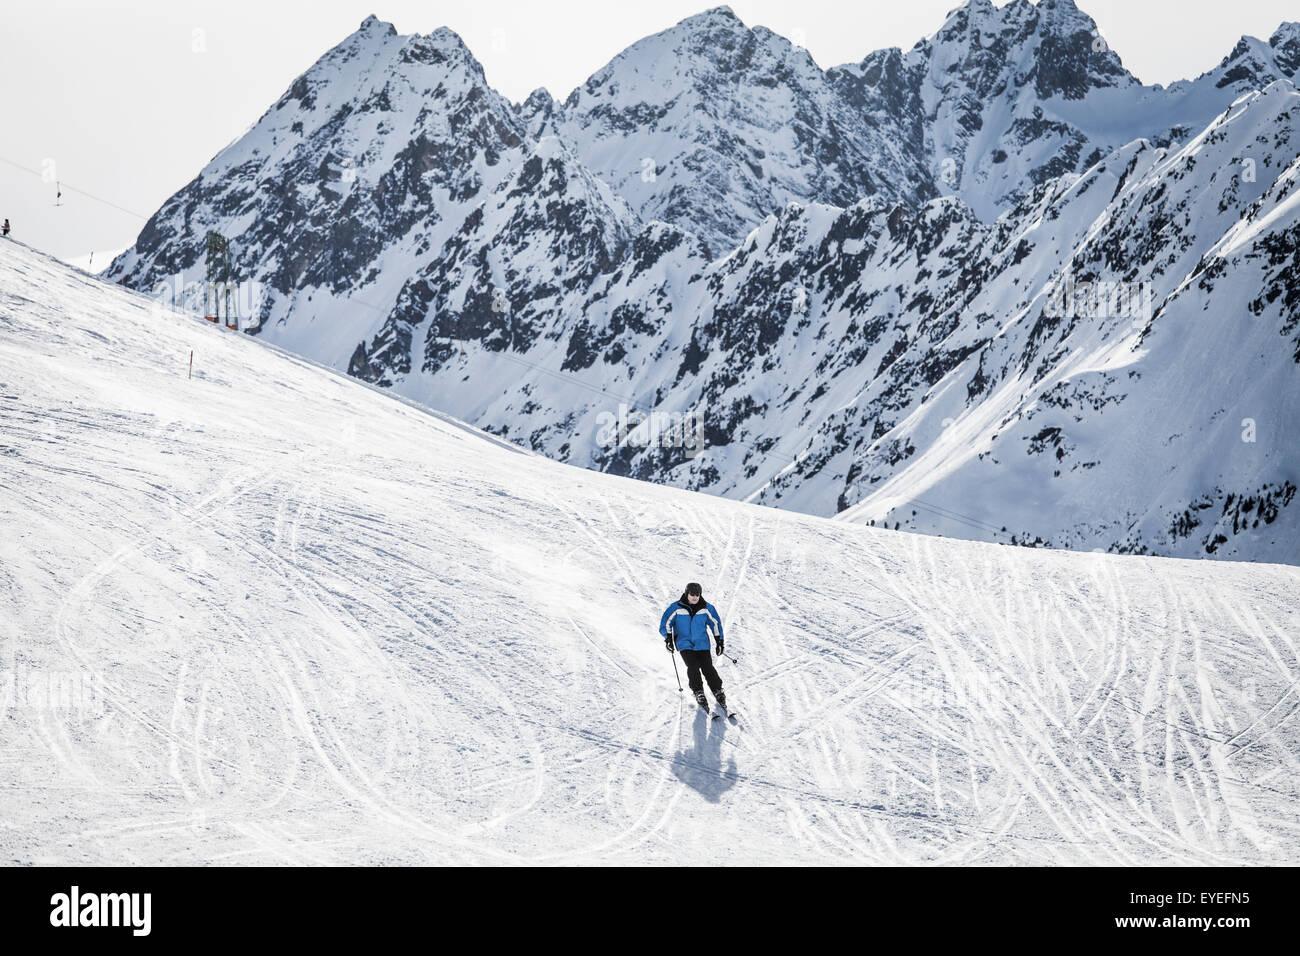 Skiing at Kuhtai; Innsbruck, Tyrol, Austria - Stock Image